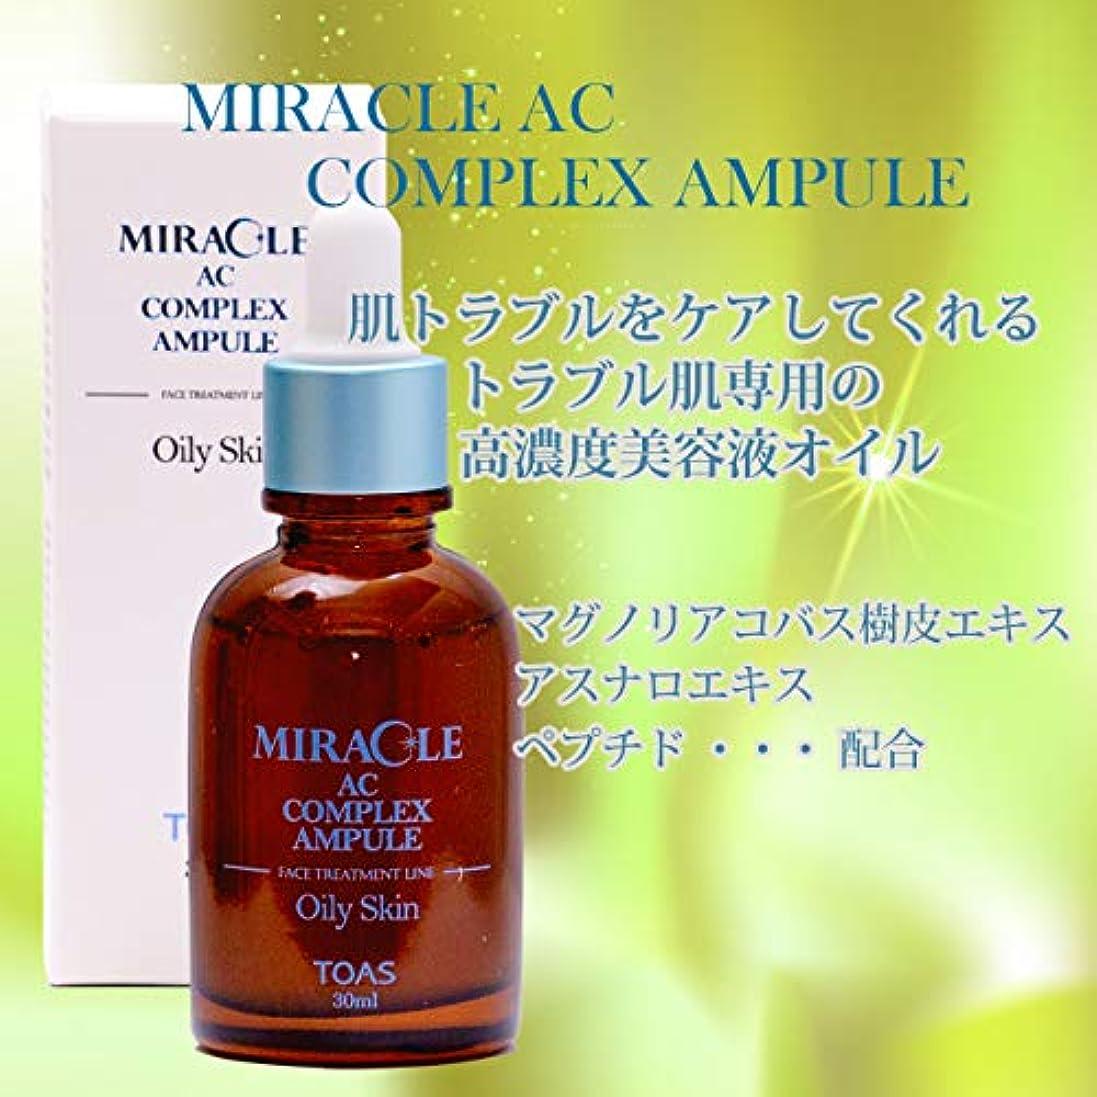 TOAS ミラクルACコンプレックス?アンプル30ml トラブル肌を解消 高密度美容液オイル